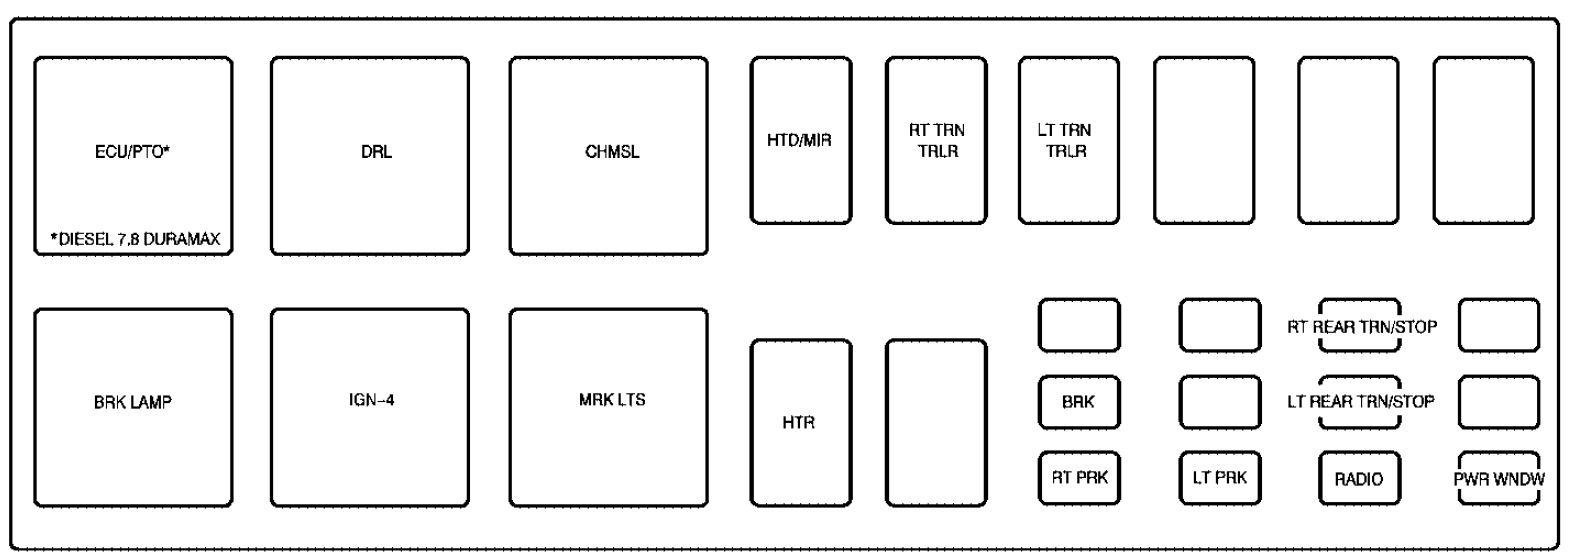 Pleasing Wiring Diagram Daihatsu Luxio Acura Wiring Diagram Lexus Wiring Wiring 101 Capemaxxcnl